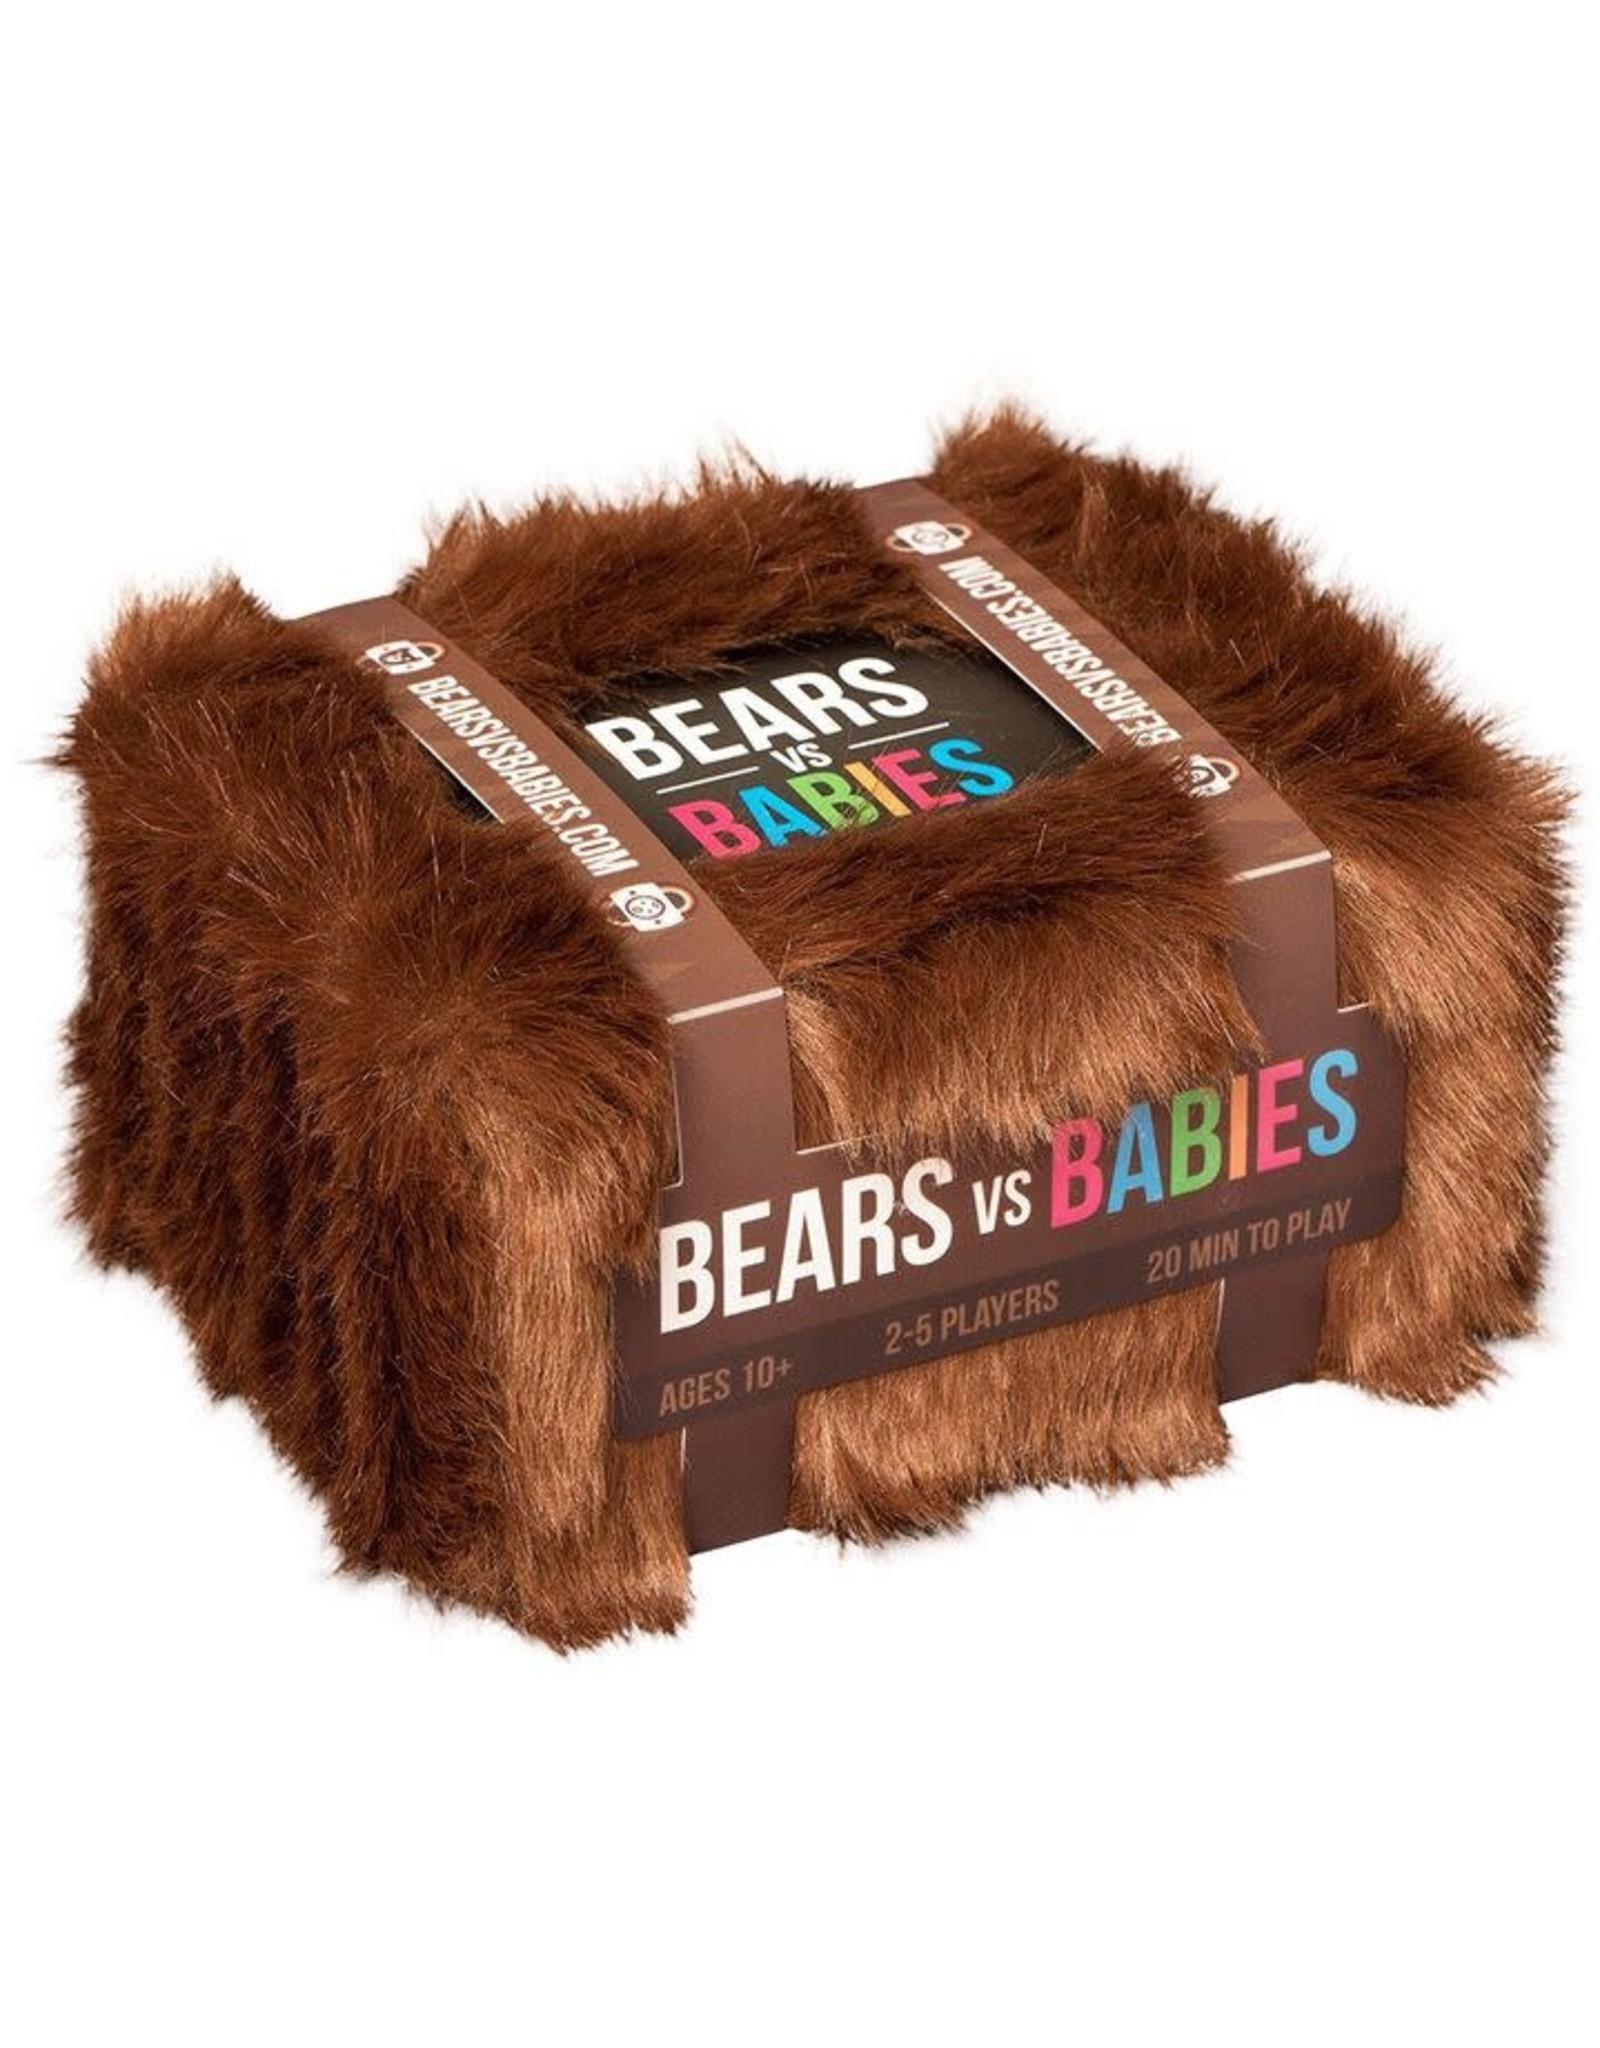 Bear Food LLC Bears vs Babies